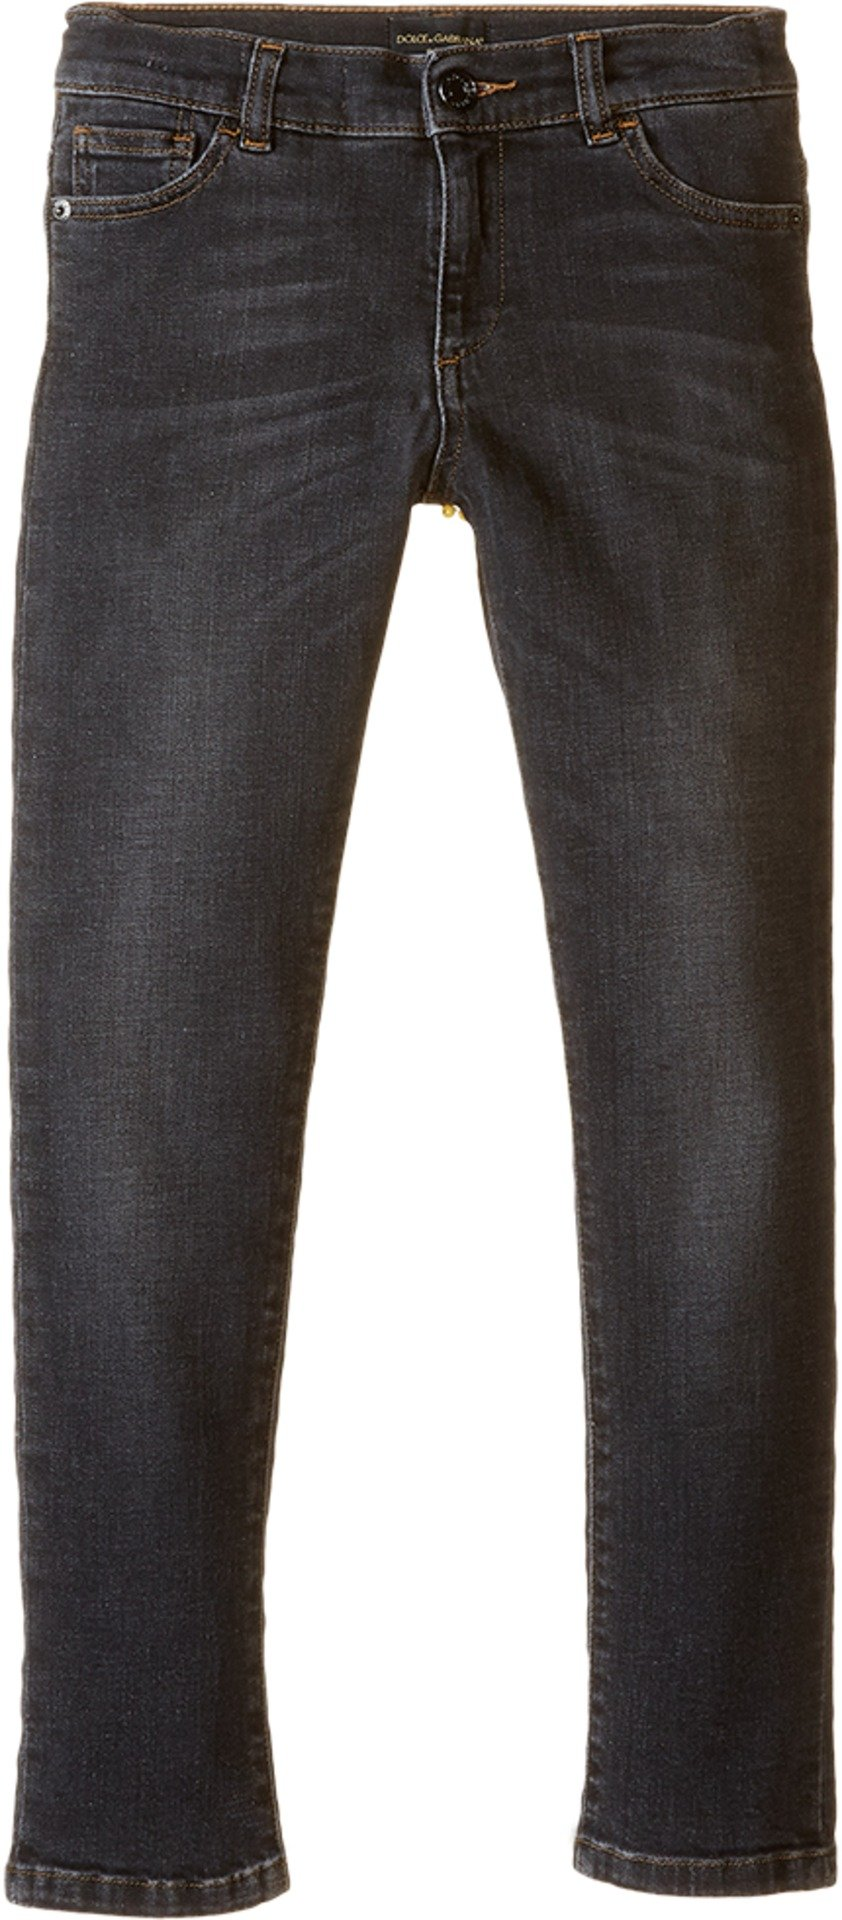 Dolce & Gabbana Kids Boys' Back to School Jeans, Grey Denim, 12 (Big Kids) X One Size